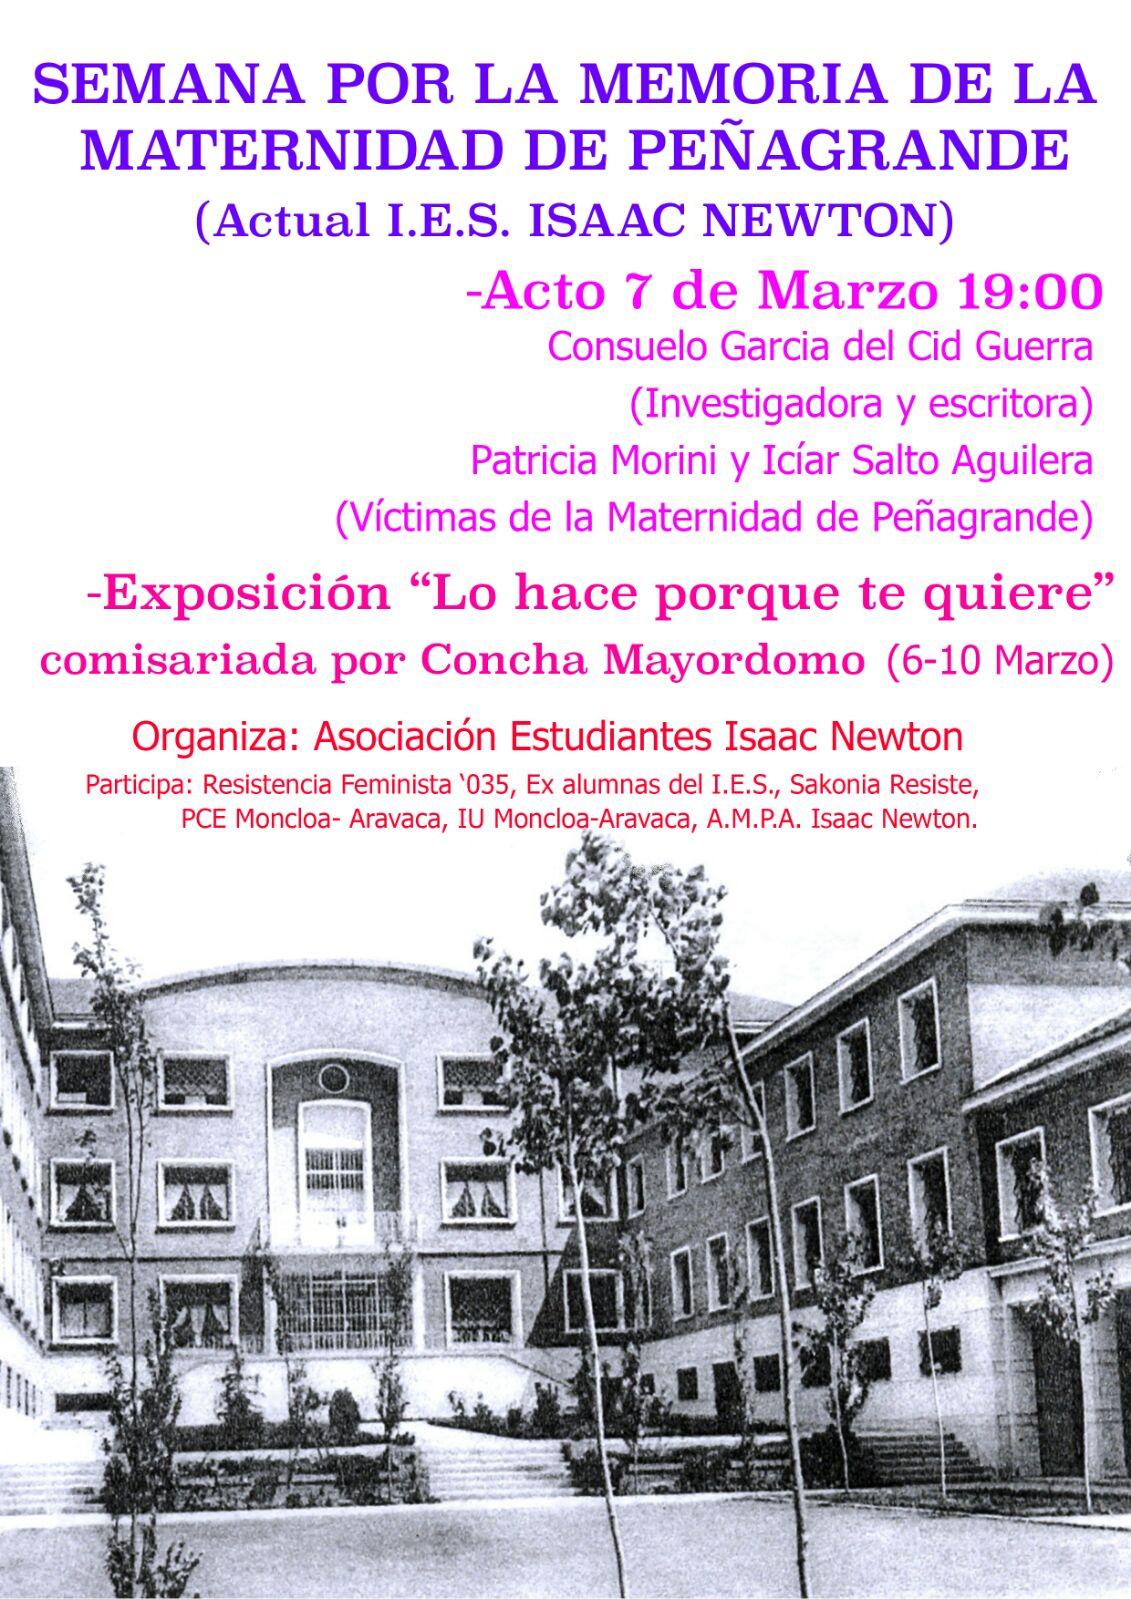 7 de marzo Acto memoria de la Maternidad de Peñagrande